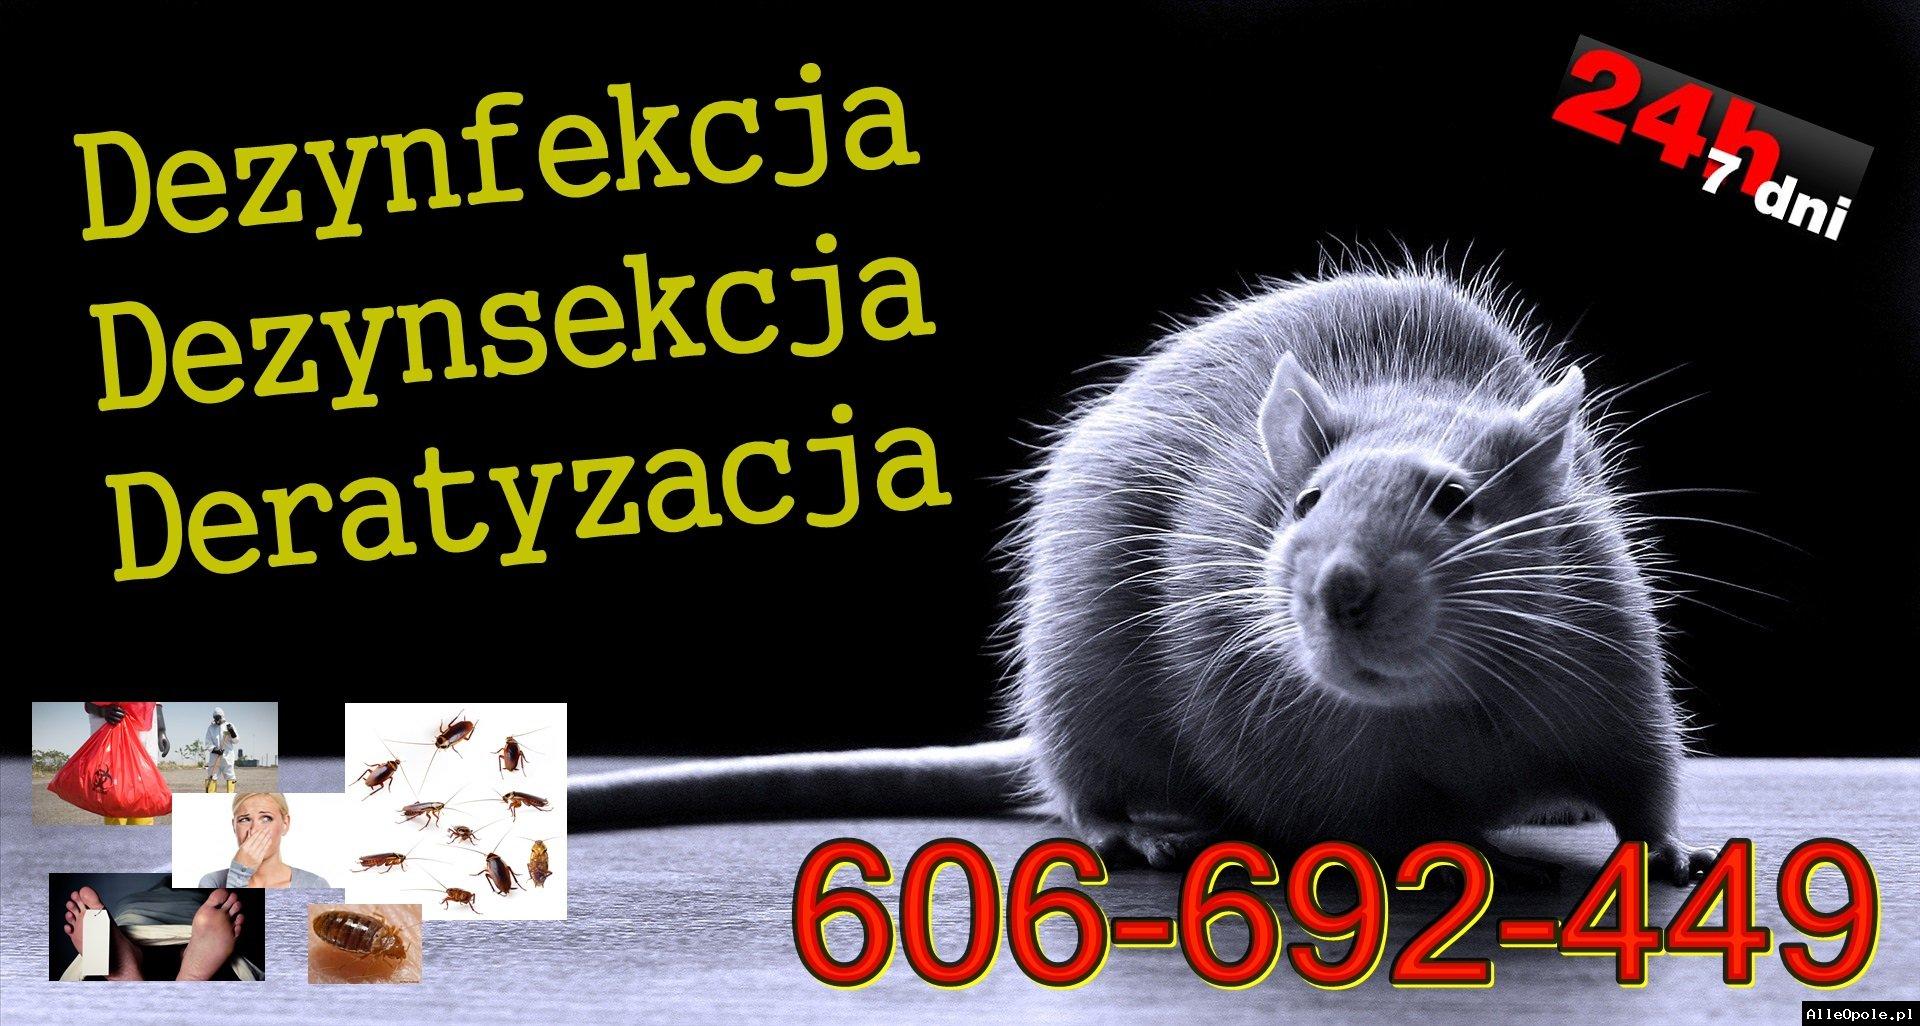 DEZYNFEKCJA DEZYNSEKCJA DERATYZACJA 606-692-449 opolskie, śląskie